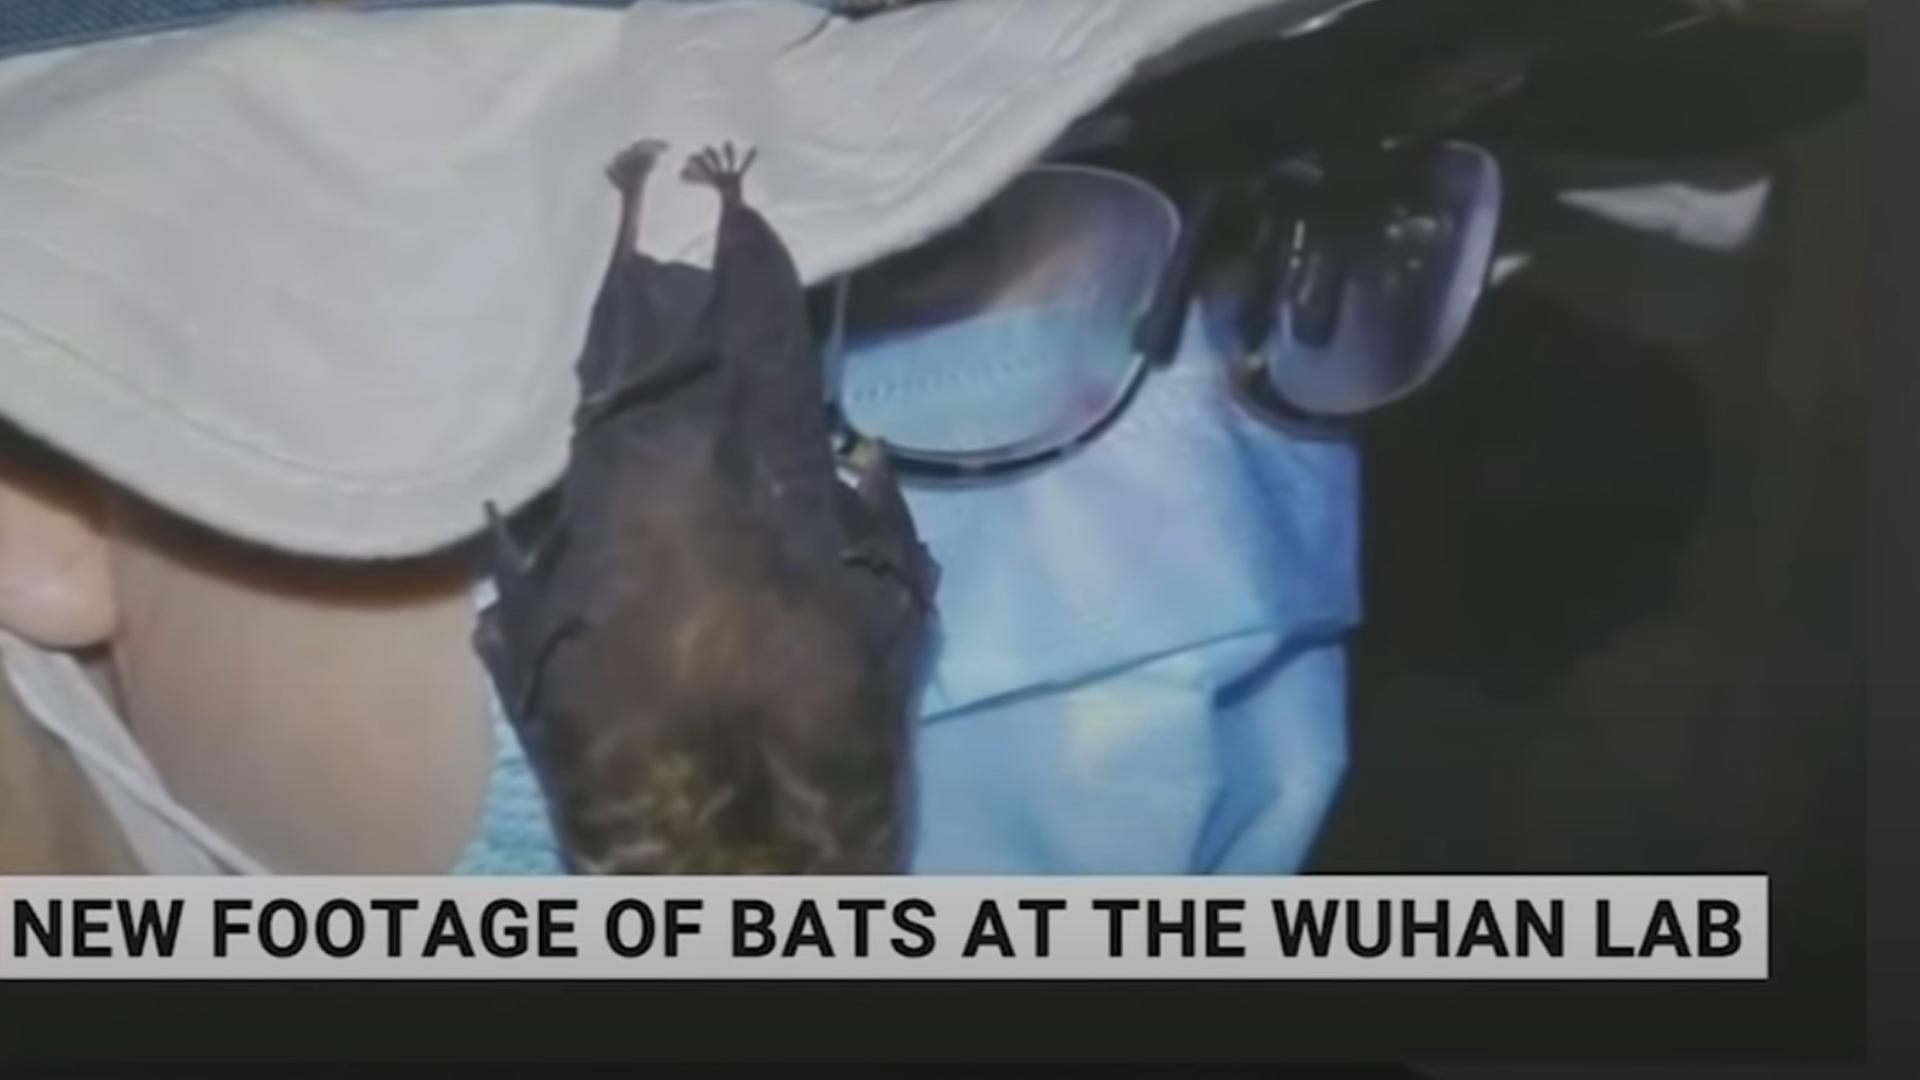 A vuhani laborban tartott denevérekről kerültek elő felvételek